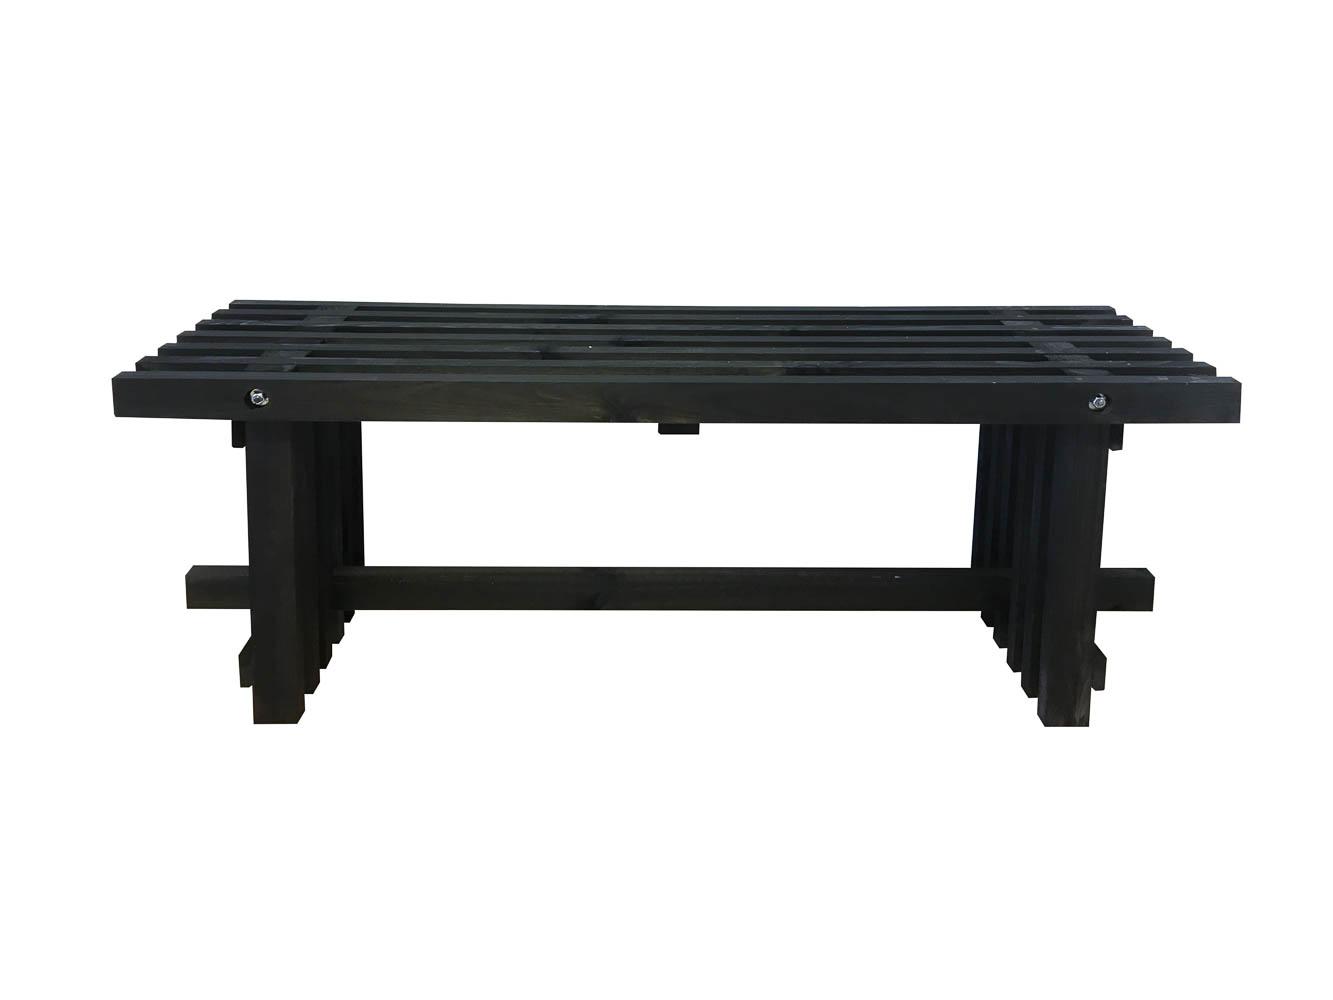 Tralle bænk sort 120 cm